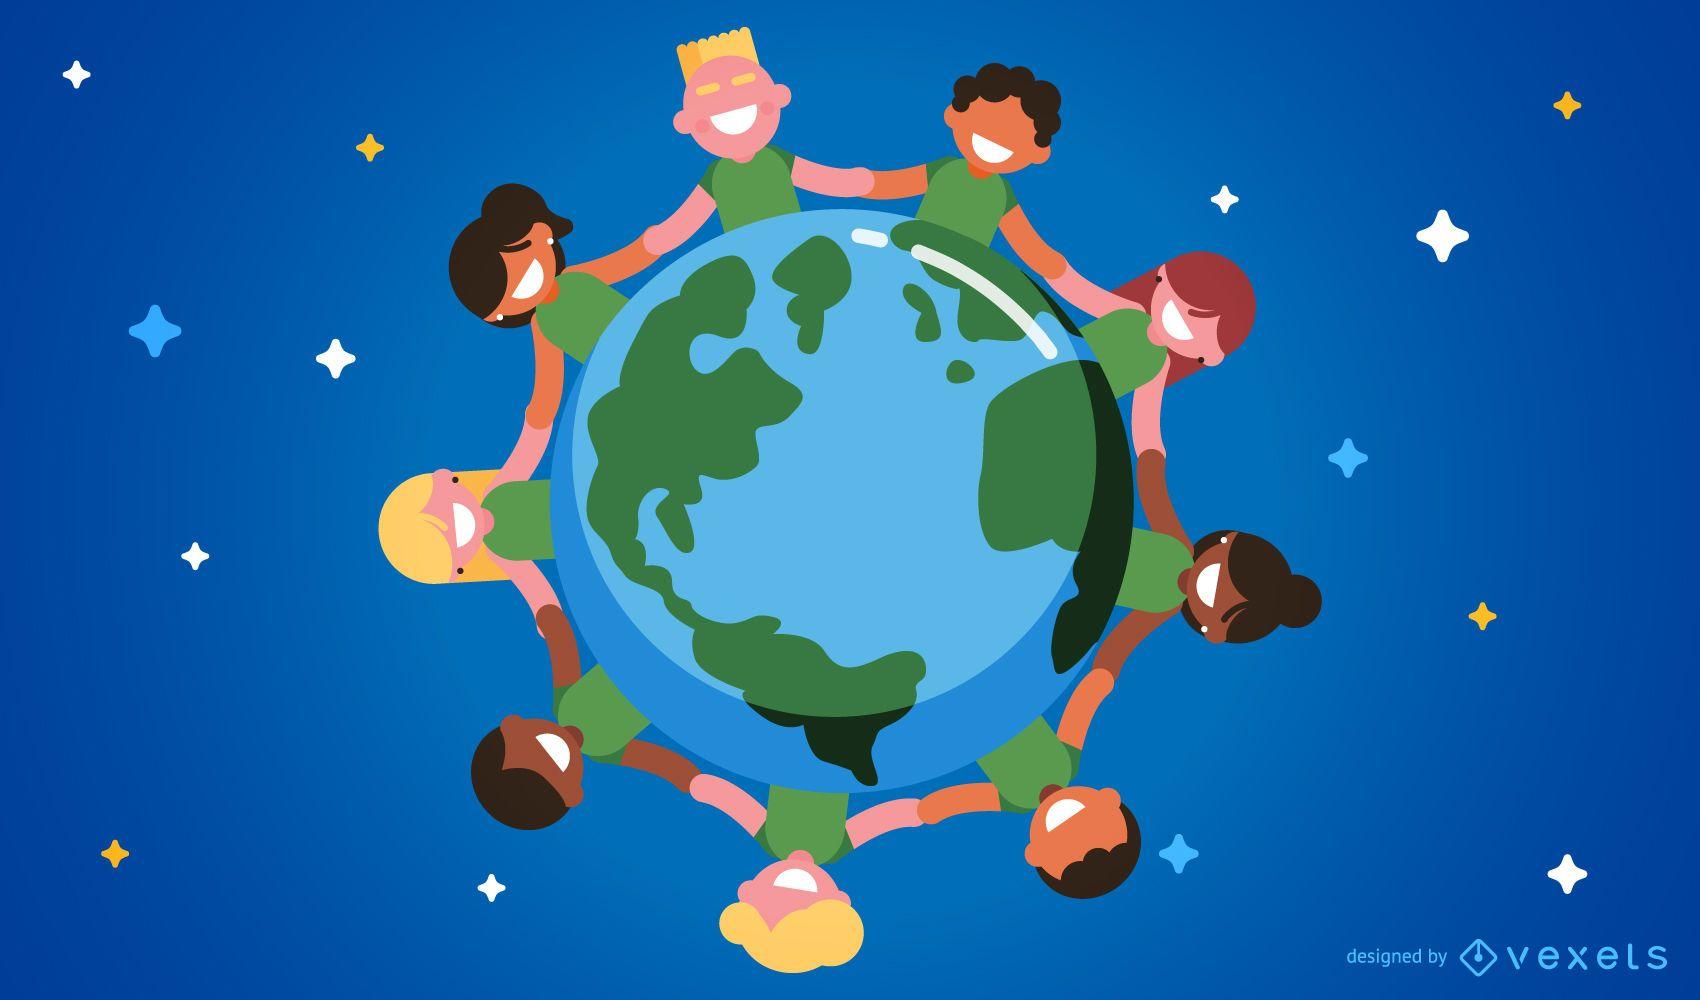 Ilustração Kids Around the World